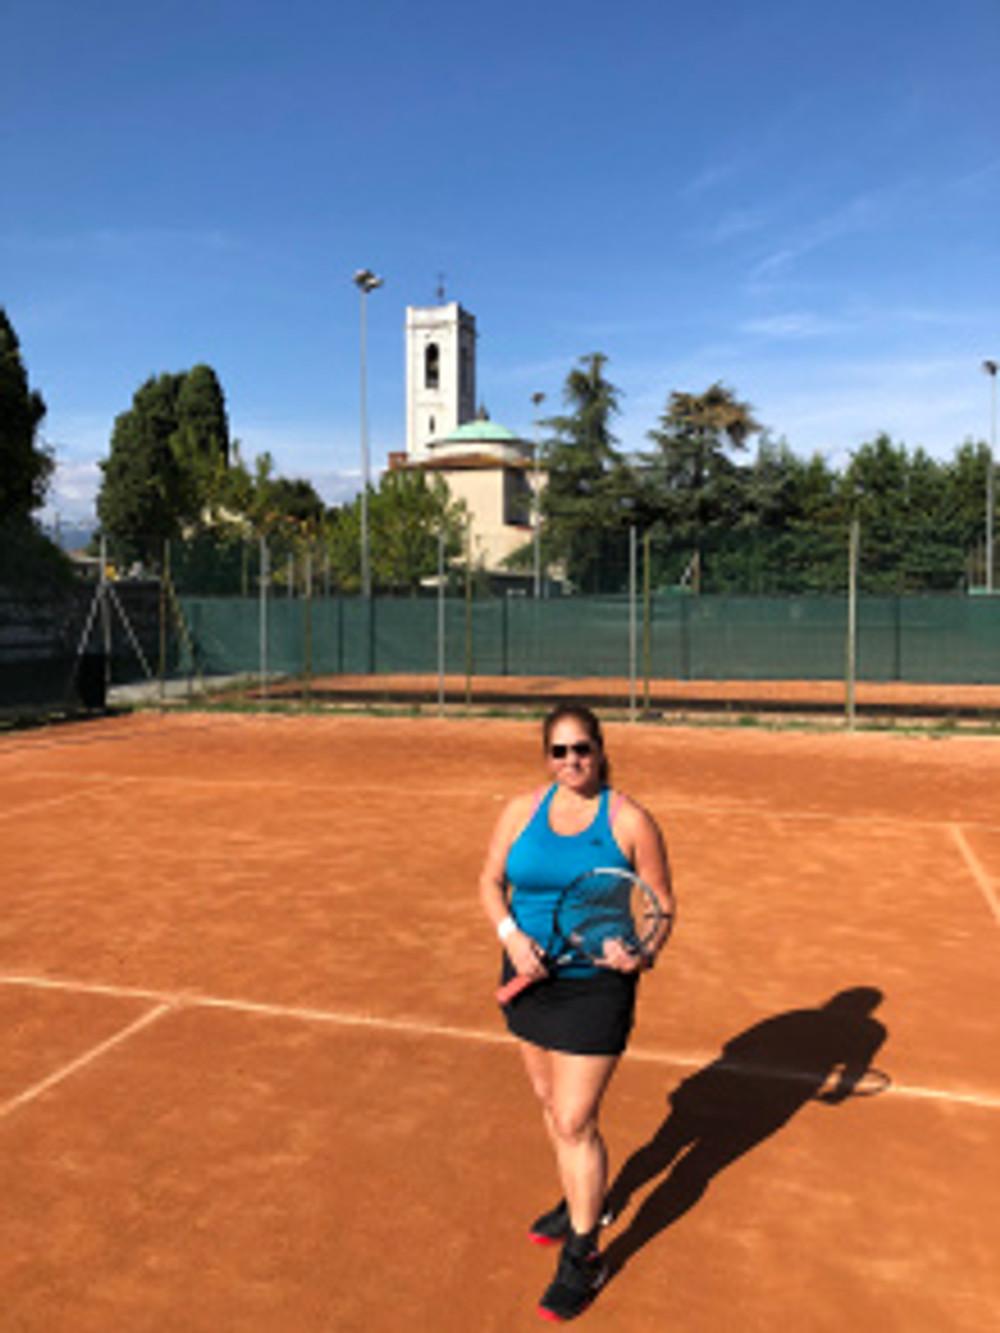 Centro Sport Le Vele San Donato, Lucca, Italy (tennis facility) - tennistravelsite.com